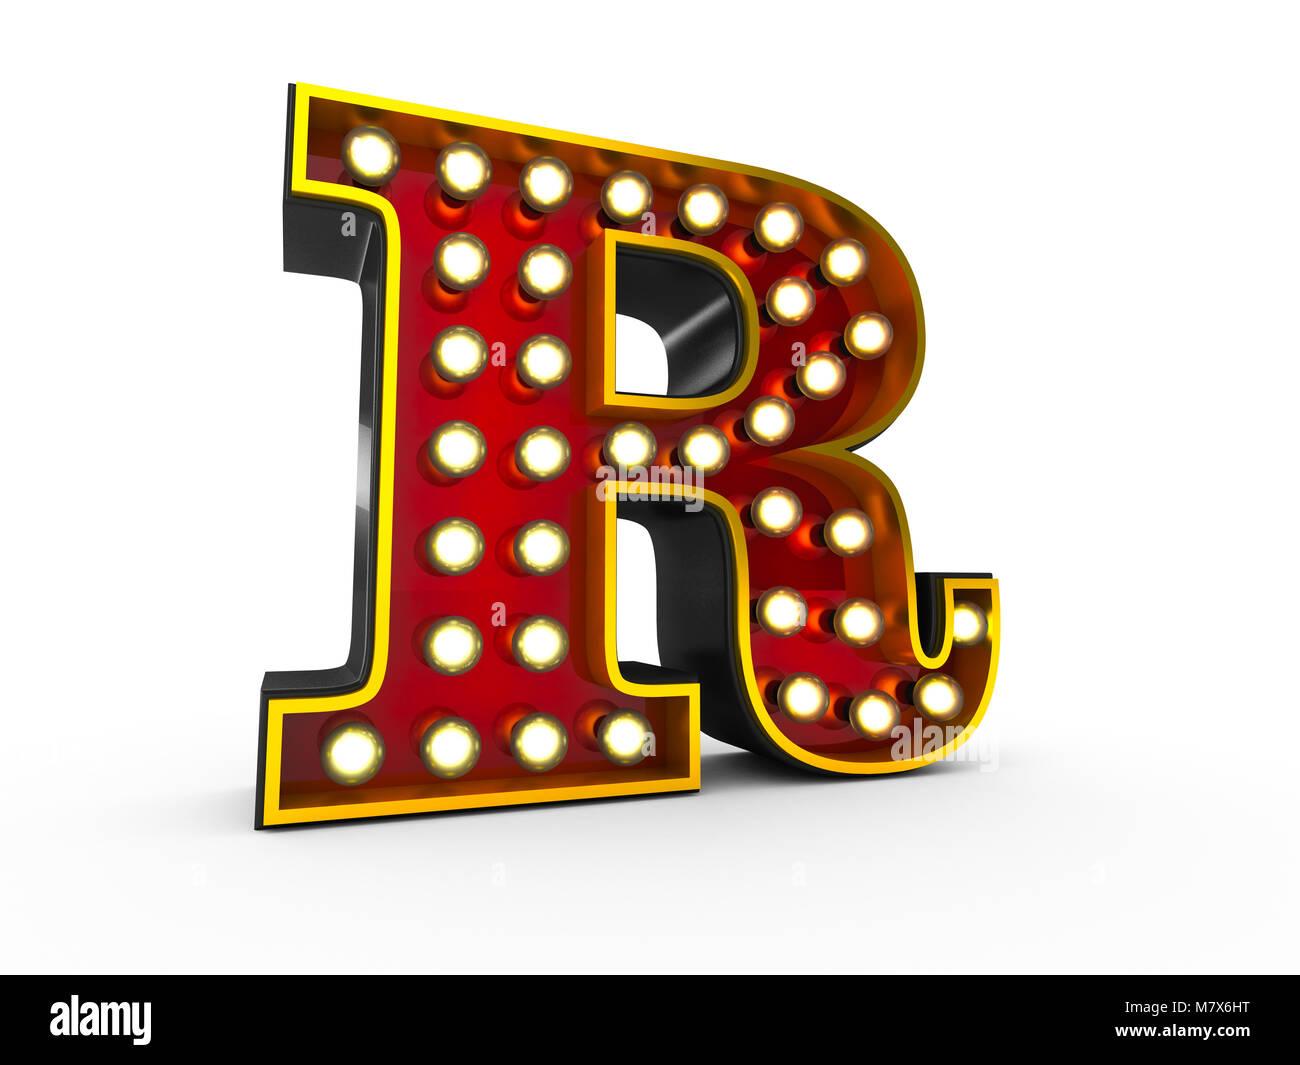 Hochwertige 3D-Abbildung der Buchstabe R im Broadway Stil mit Glühbirnen es erhellend auf weißem Hintergrund Stockbild